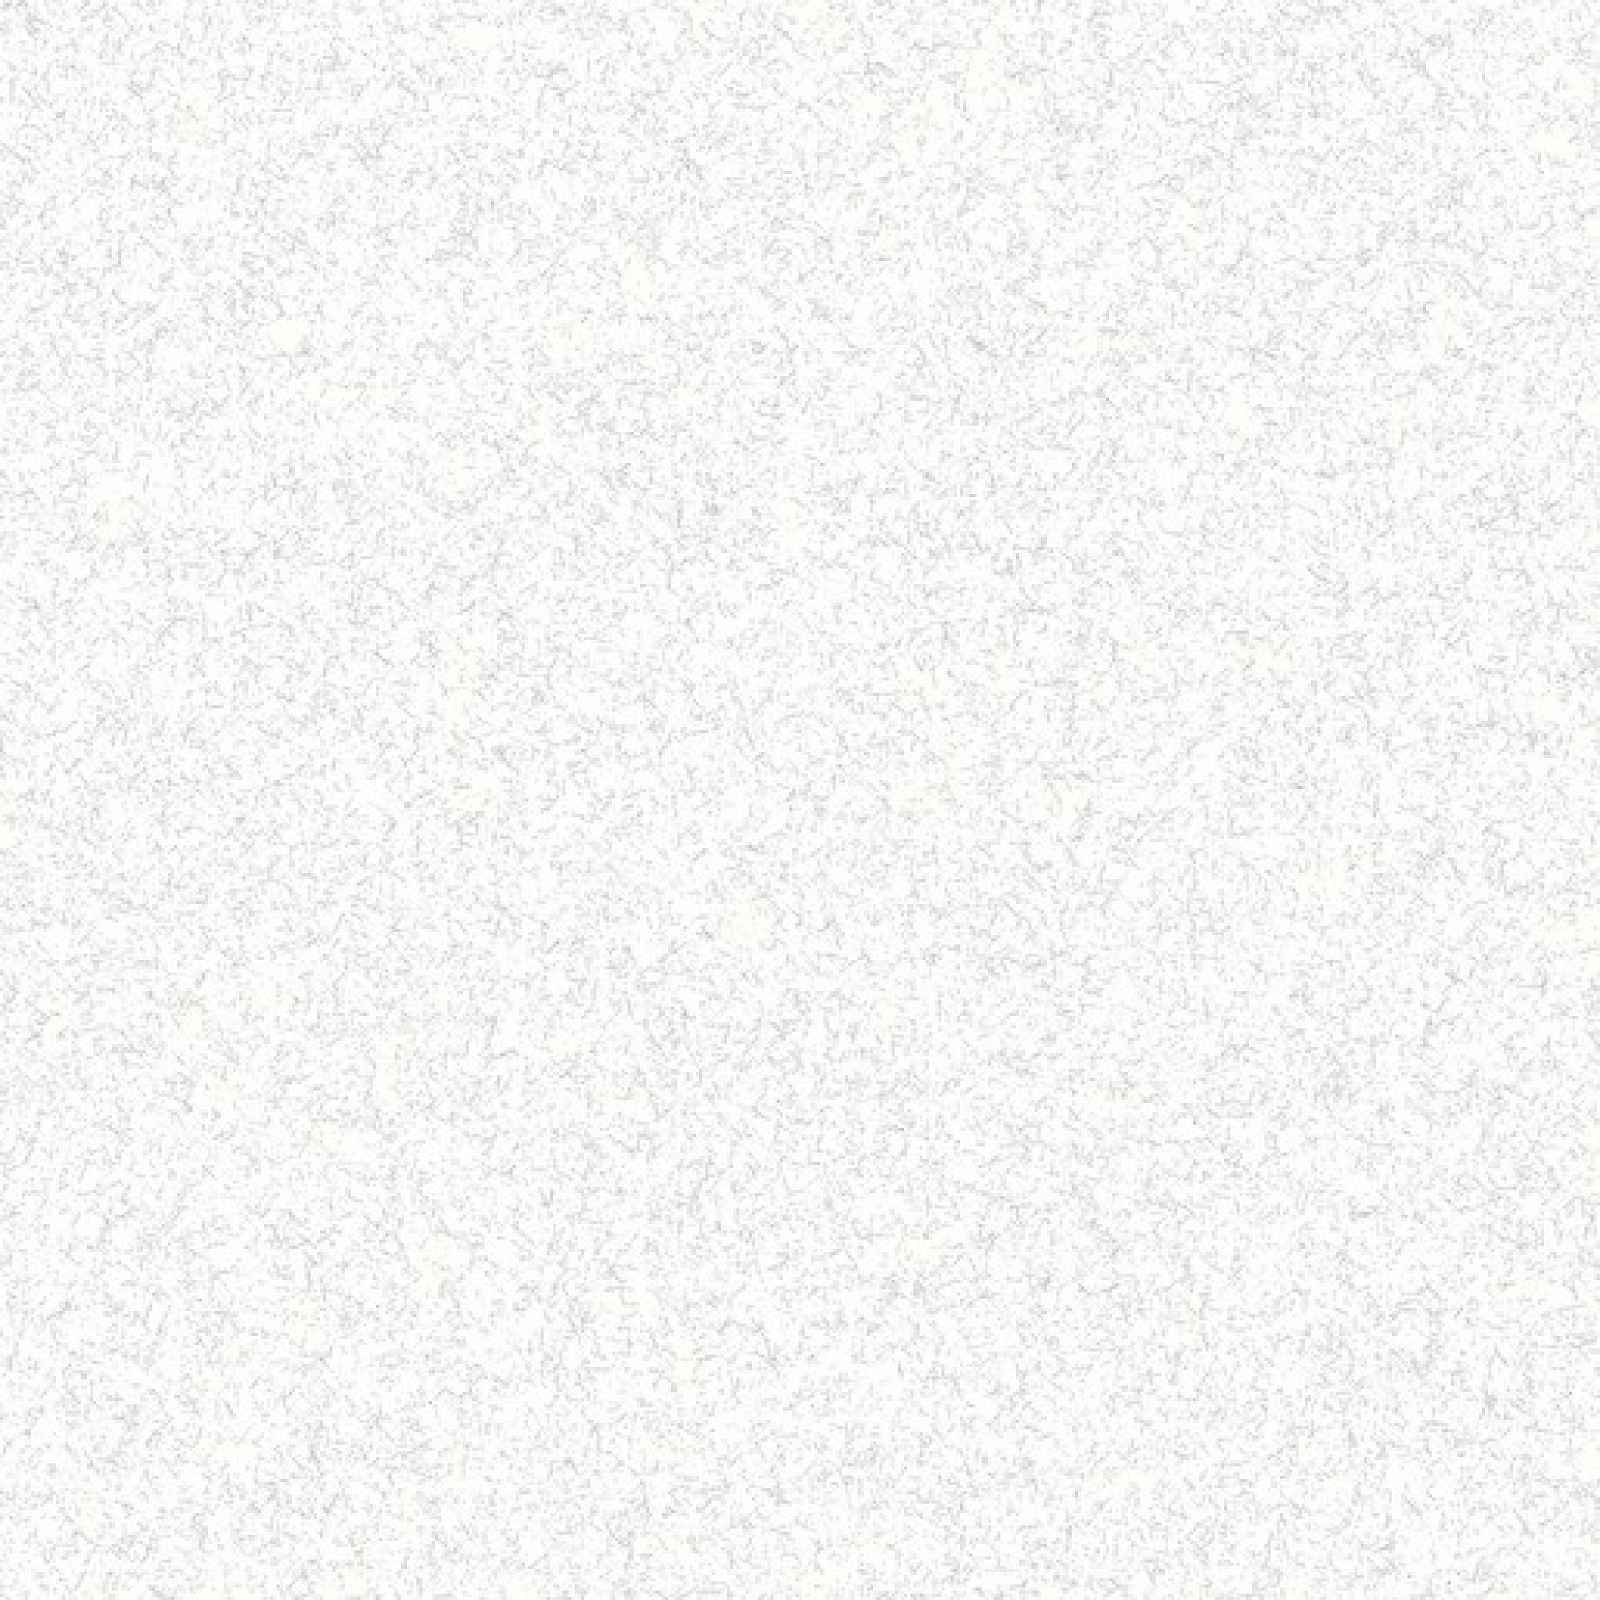 Dlažba RAKO Linka bílá 60x60 cm mat DAK63820.1